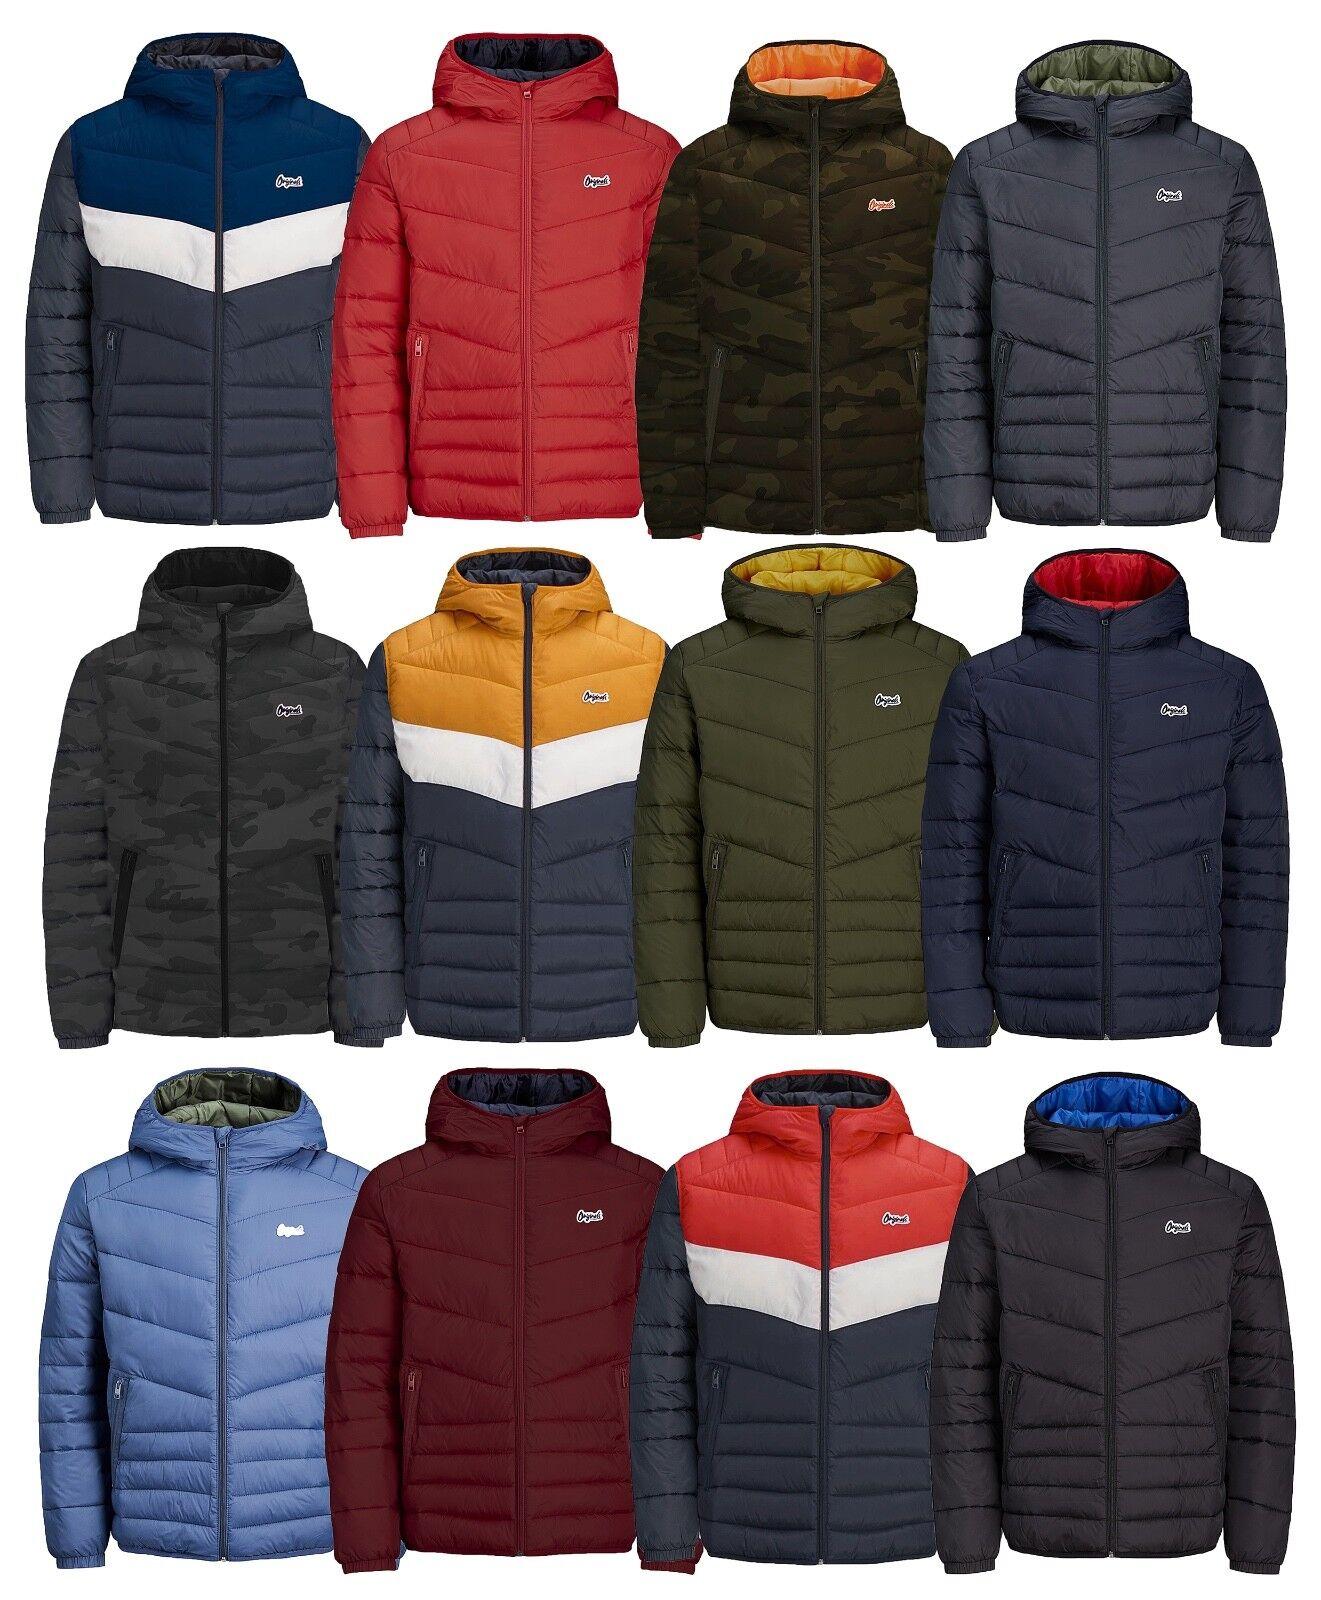 JACK & amp;JONES Mens Quilt Puffer Jacket Manteau d extérieur à capuche chaud légèrement rembourré